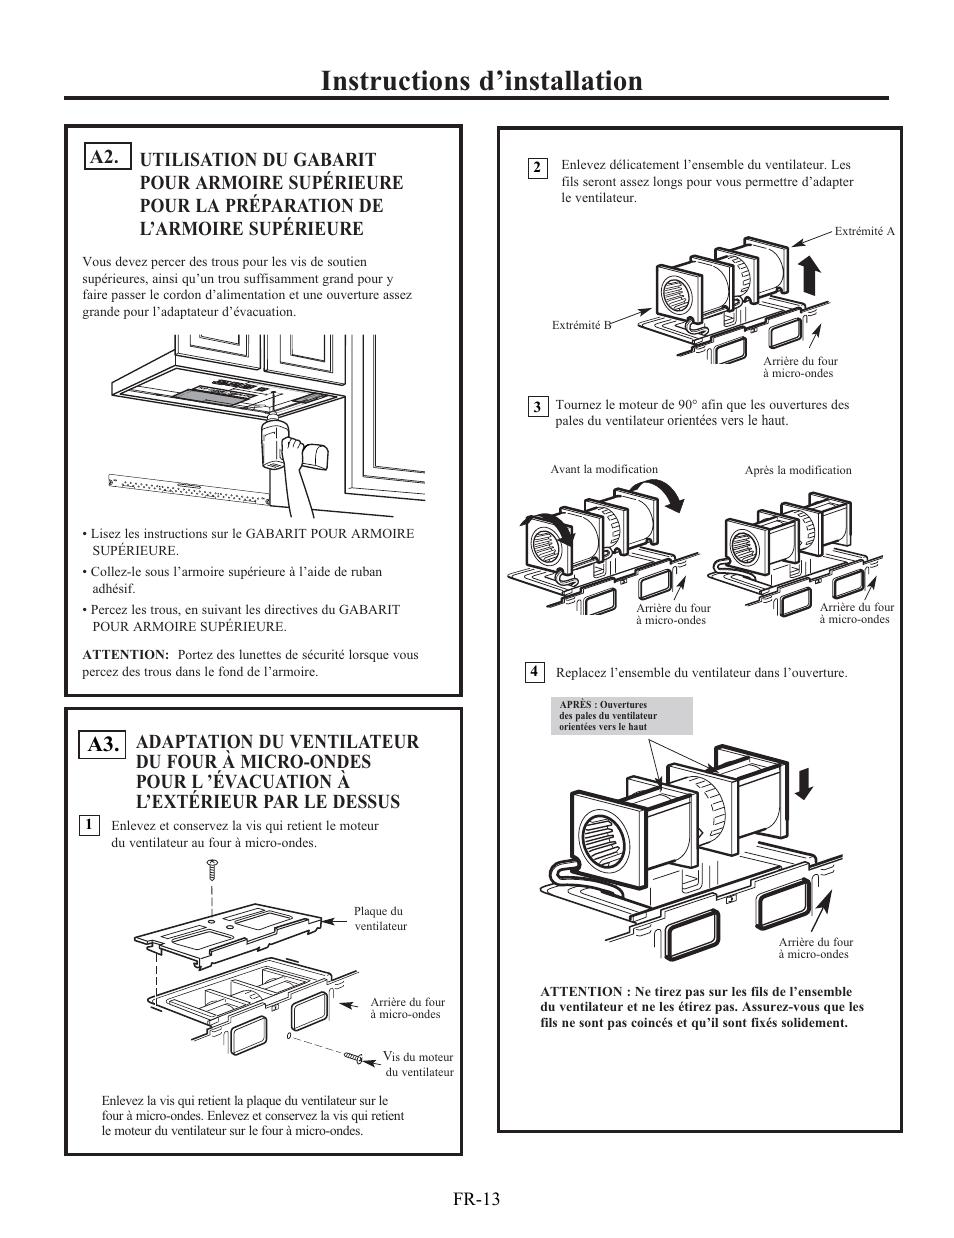 Micro Onde Au Dessus Du Four instructions d'installation, fr-13 | electrolux ei30bm60ms